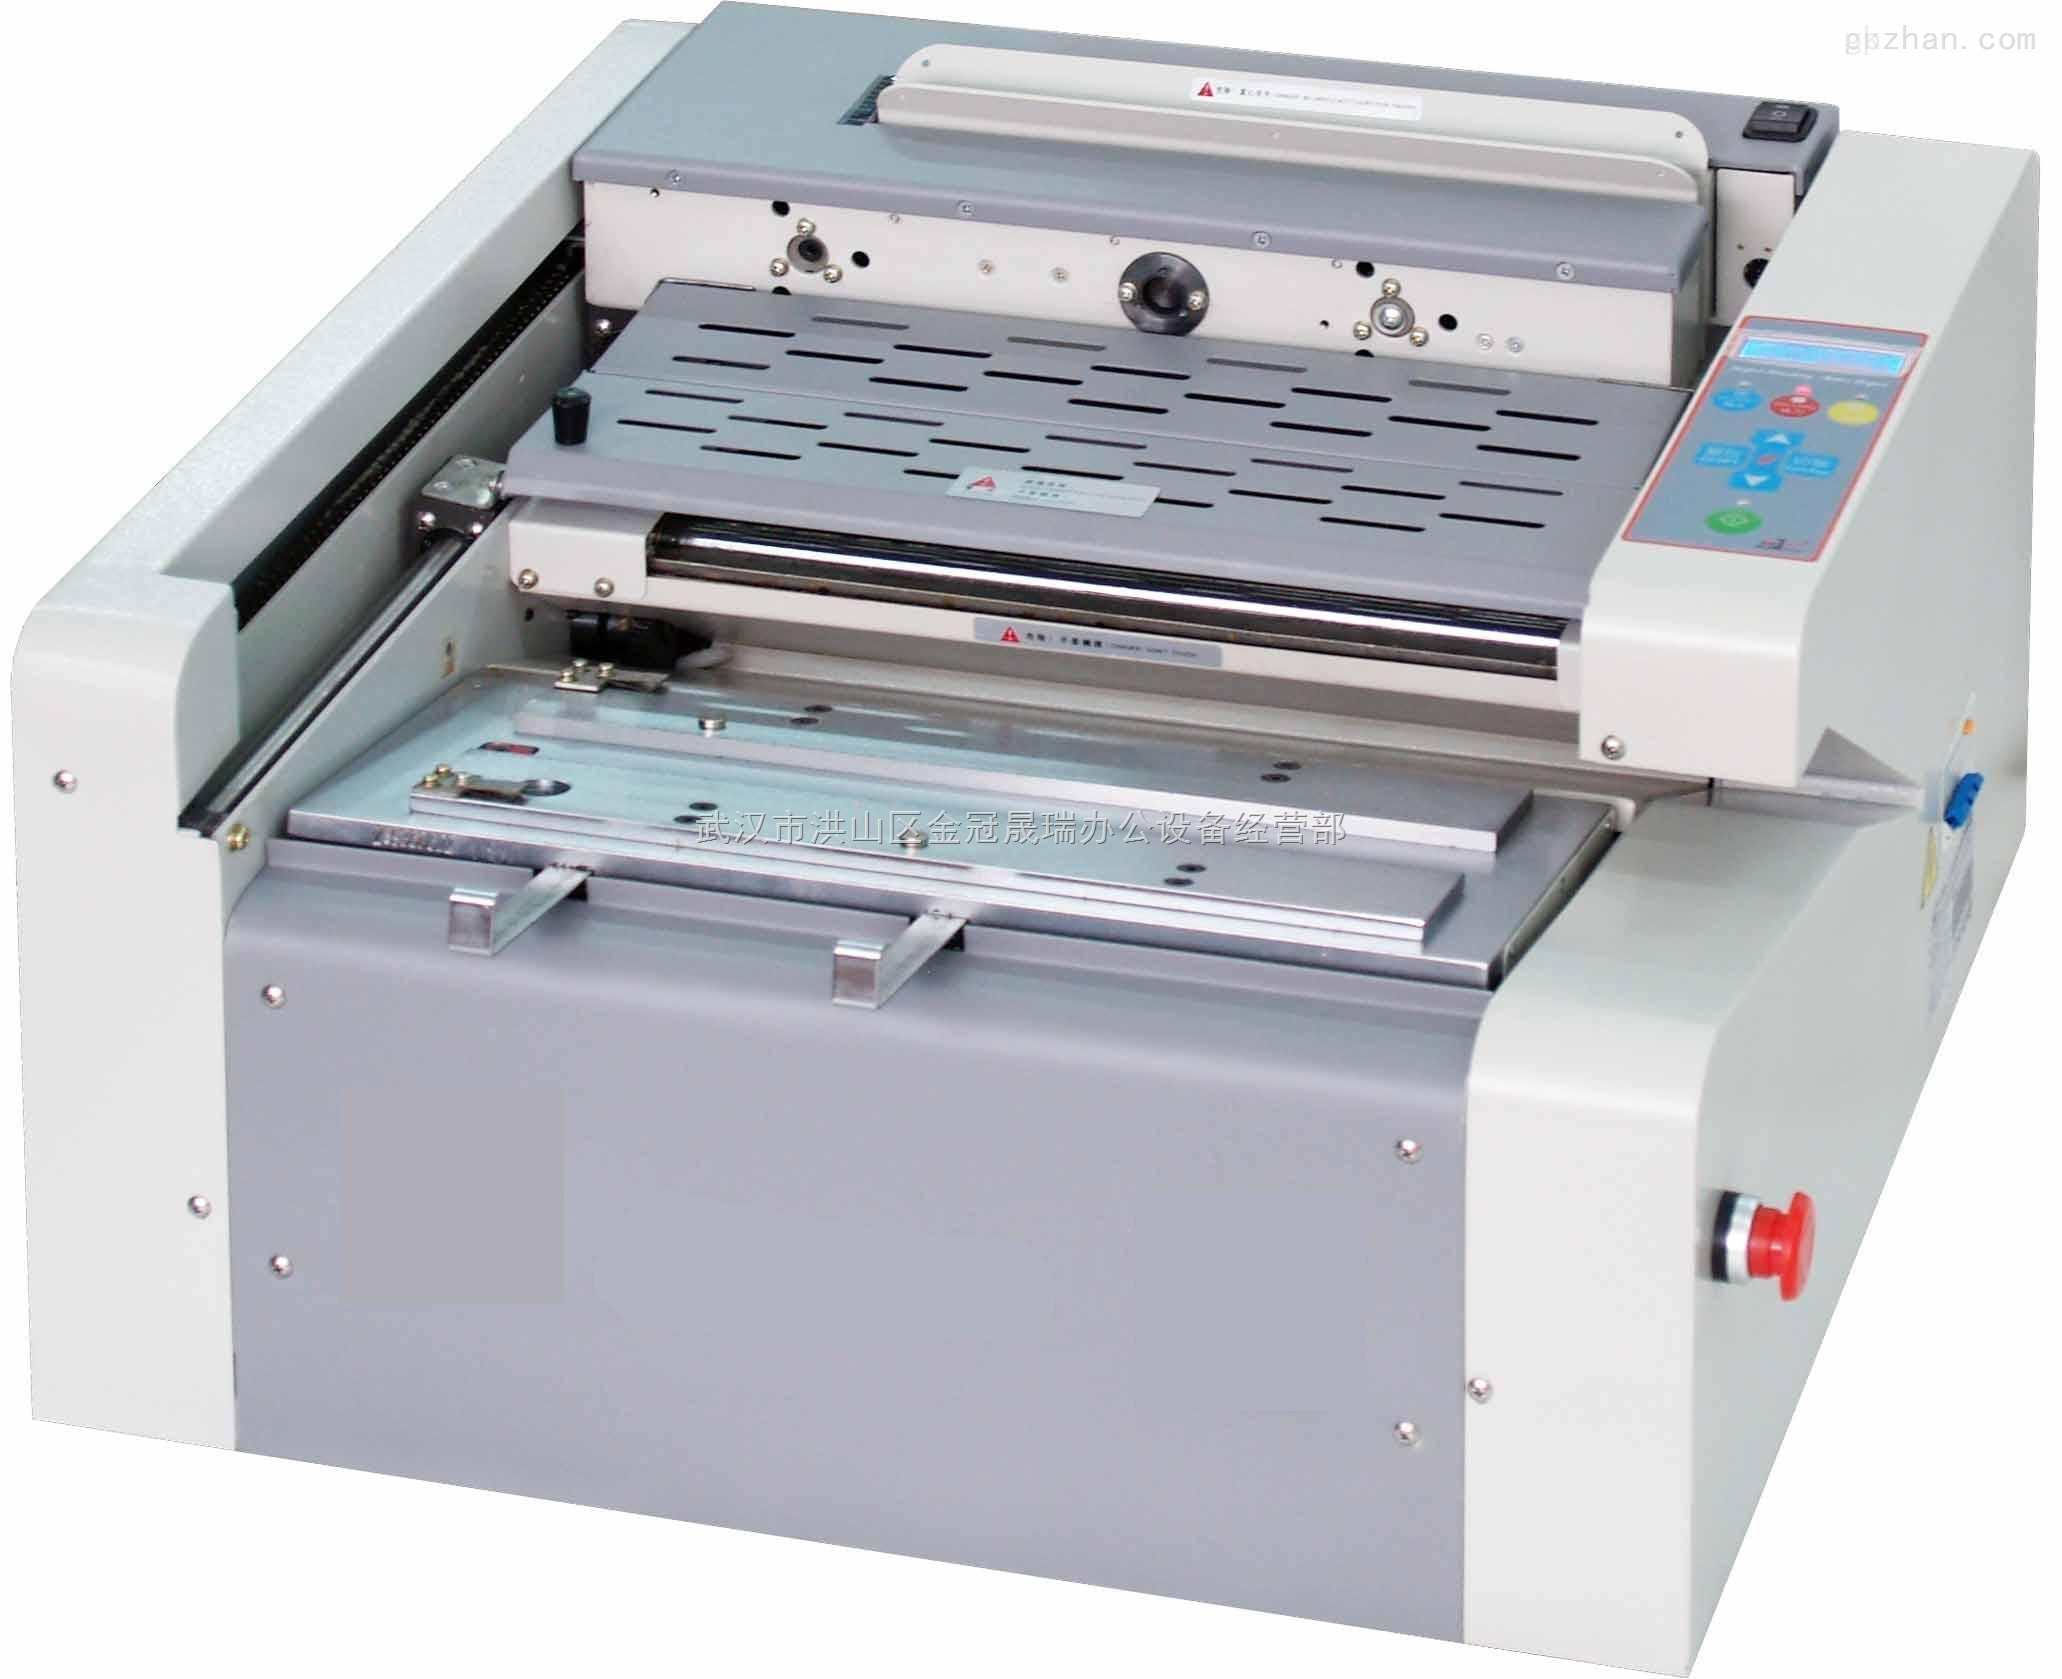 誉冠FS-300桌面式全自动无线胶装机 ,制本机,胶订机,厂家直销